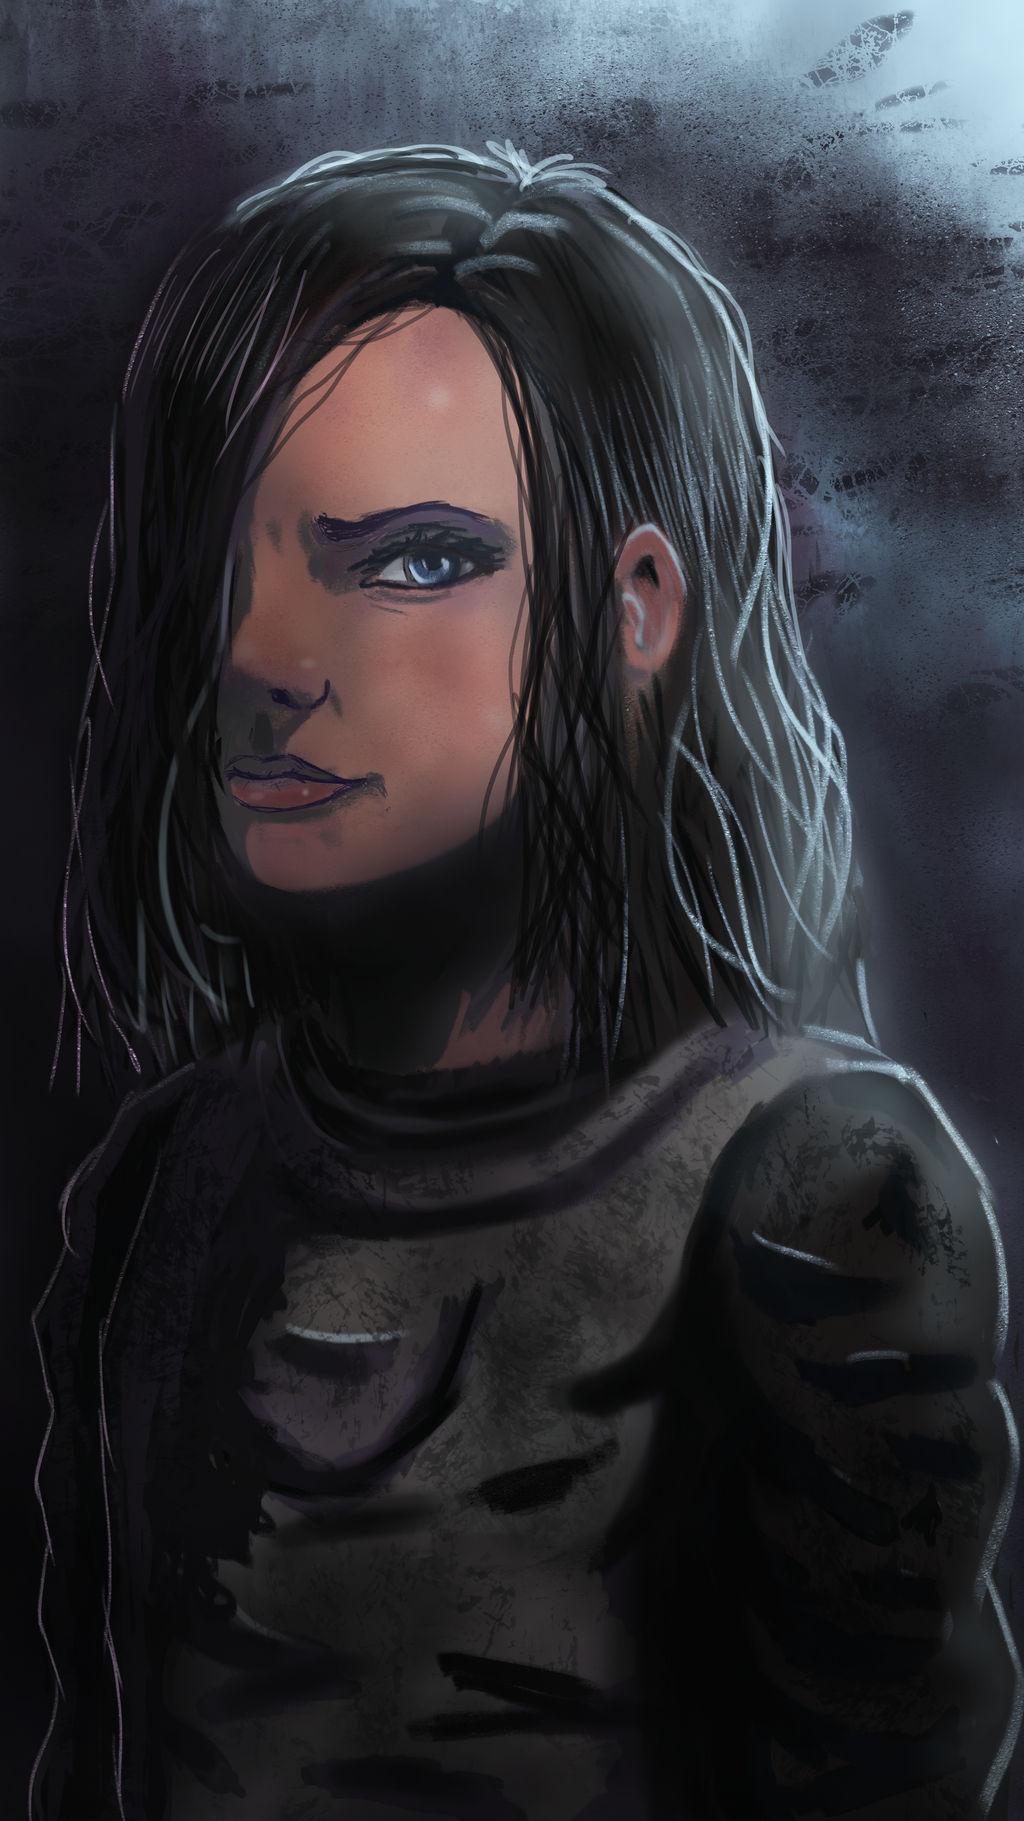 Resident Evil 7 Portrait Of A Monster Rework By Frylander1 On